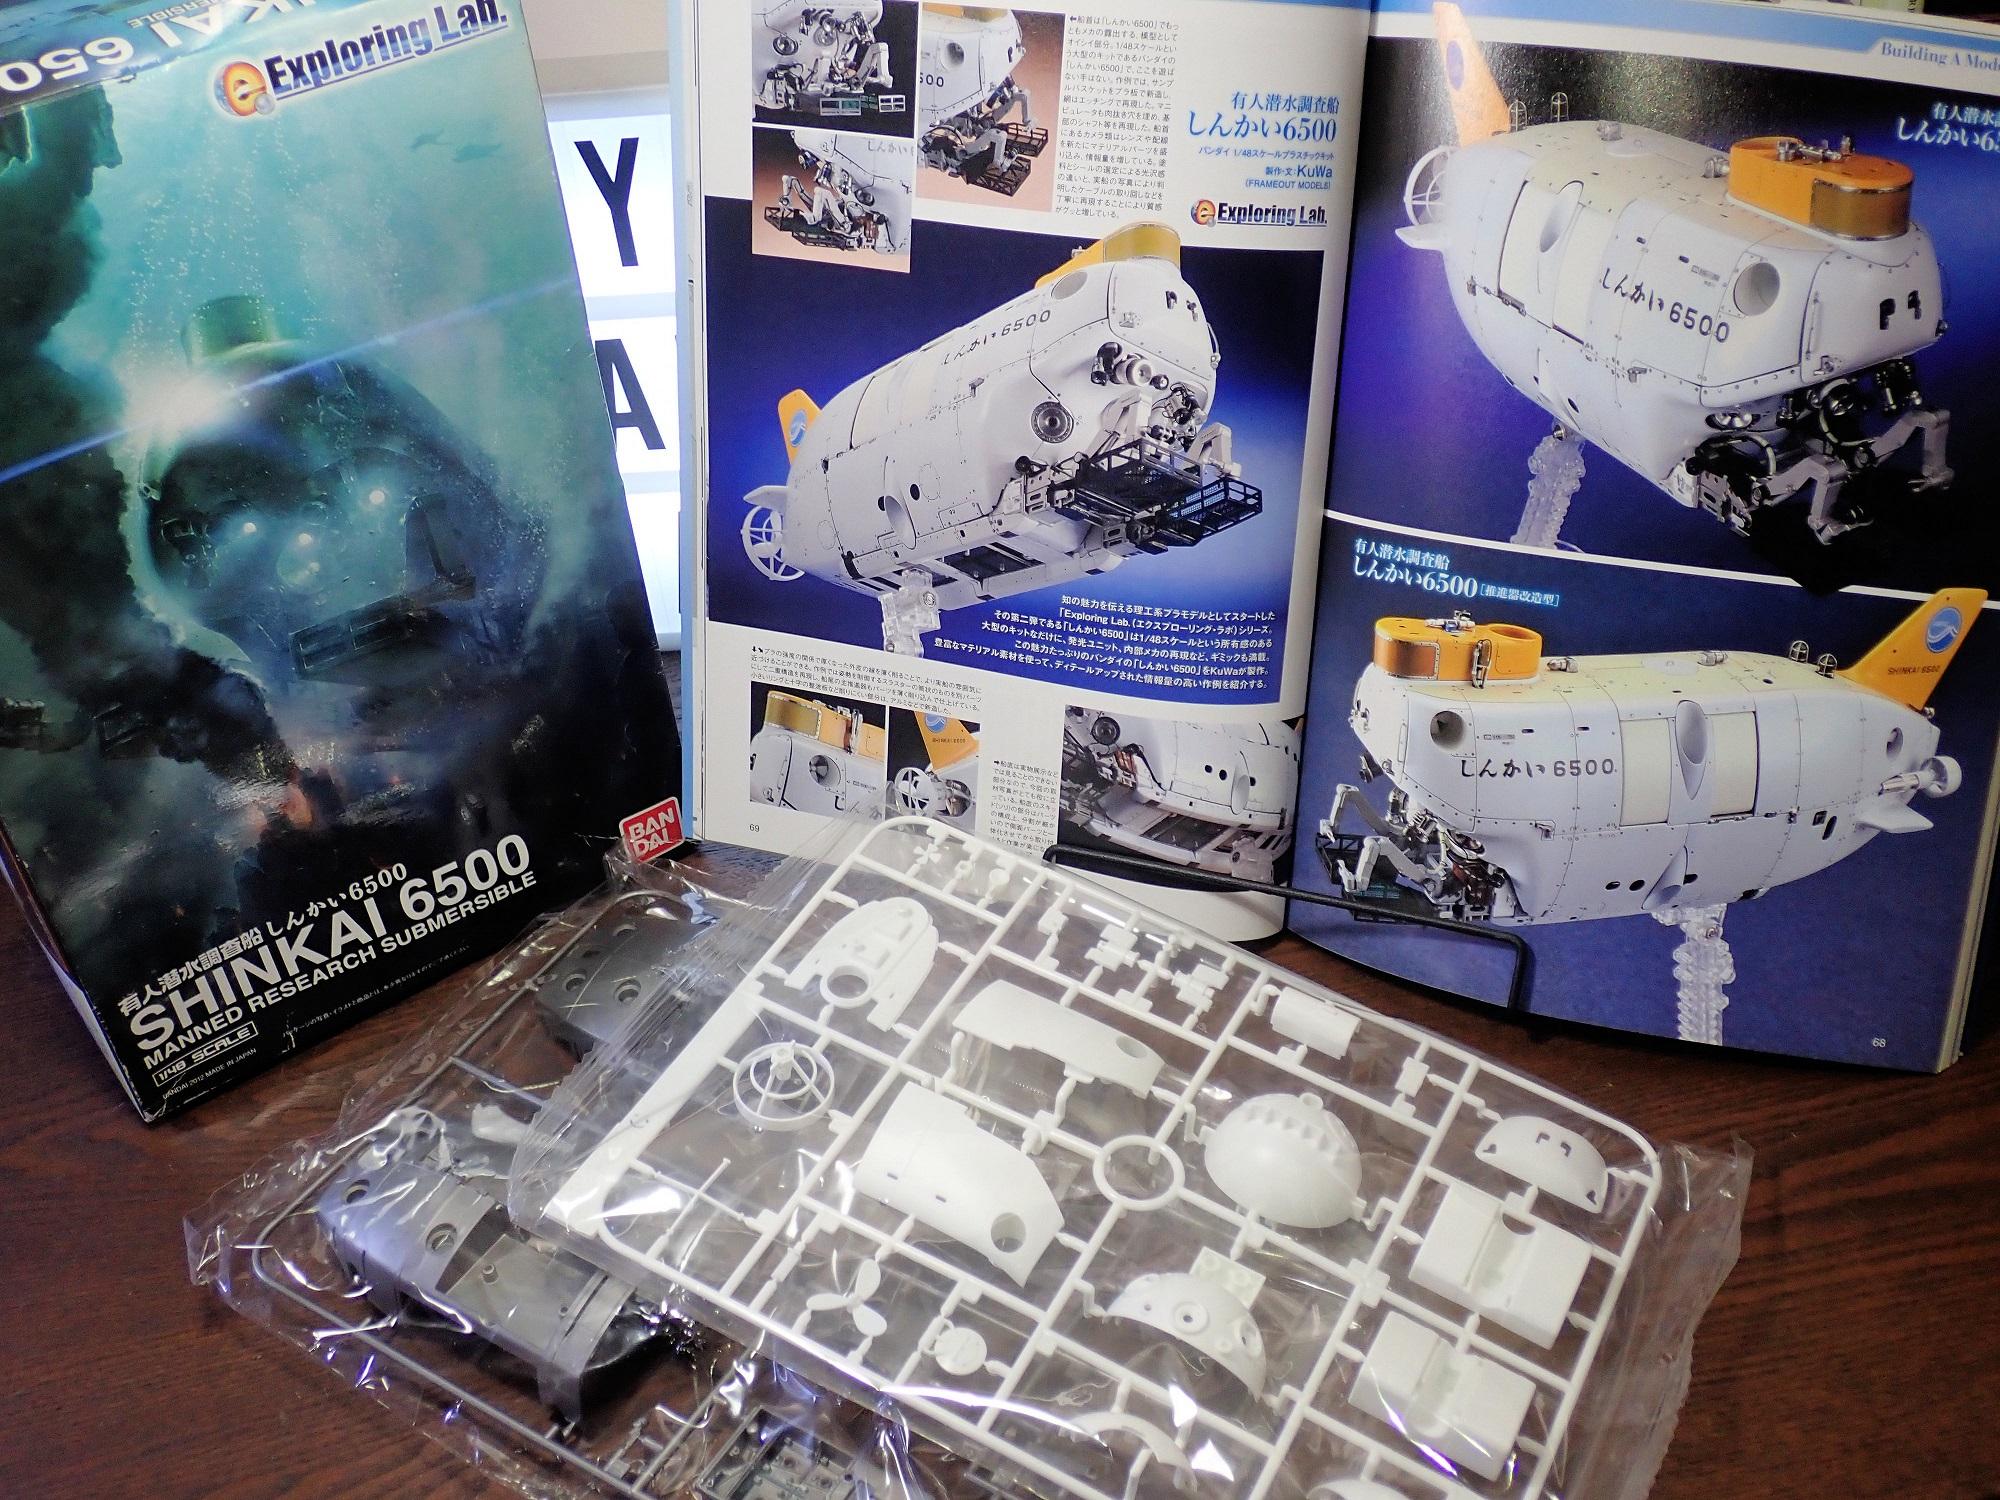 潜水艇 調査船 深海 しんかい 6500